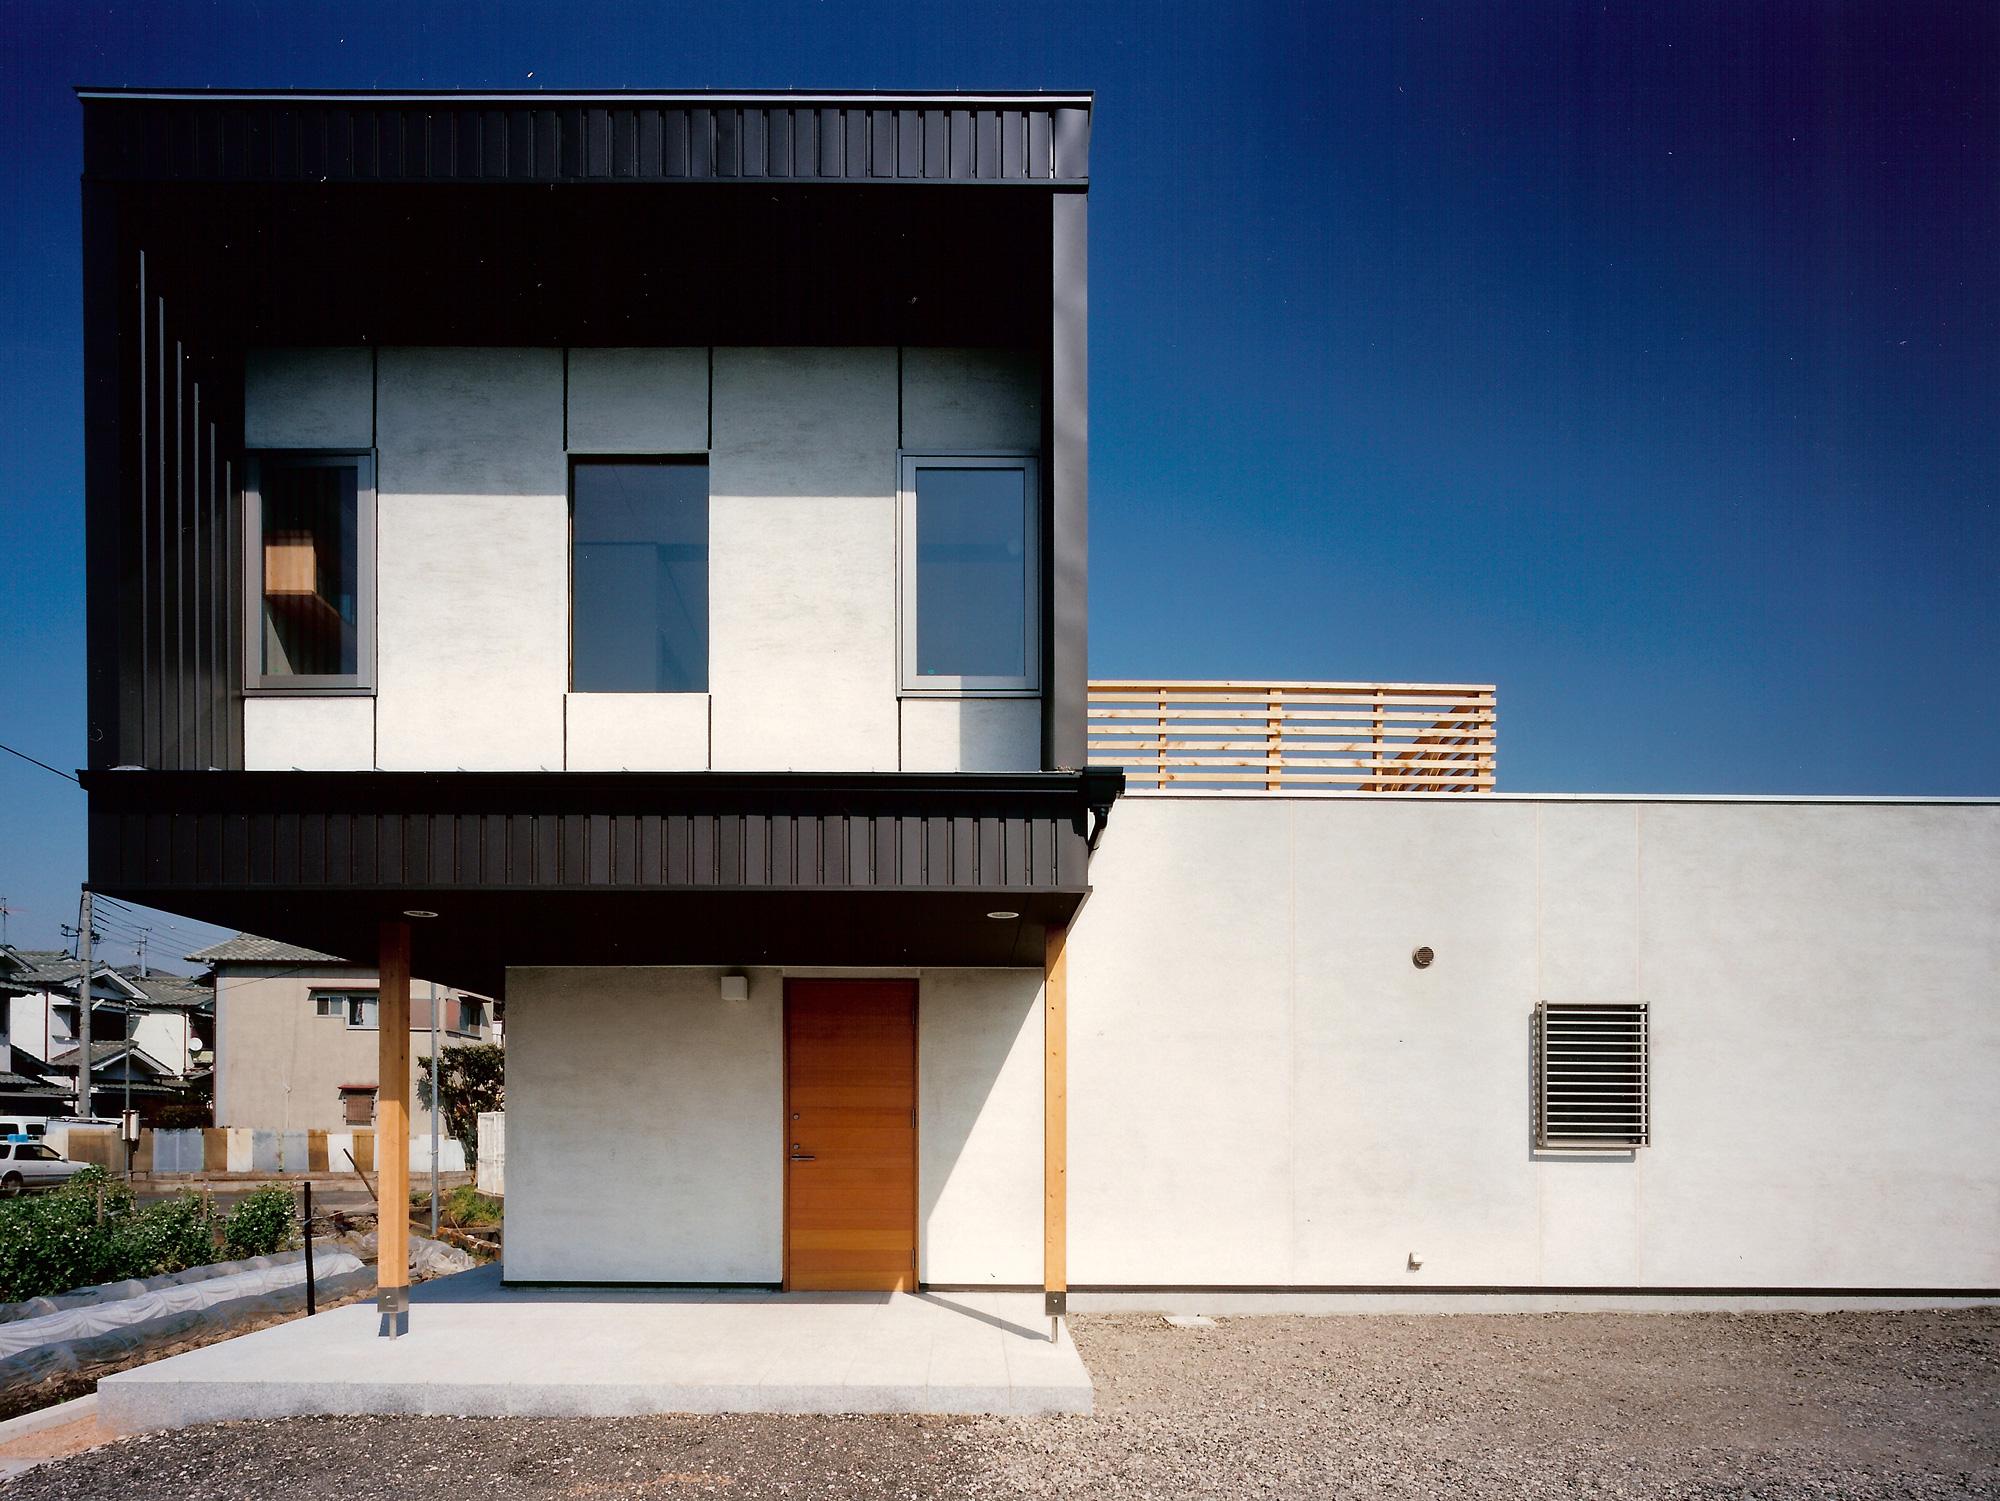 正面外観: せり出した2階は長女のプライベートな空間。生活のかたちが空間構成に反映され、外観がつくりだされました